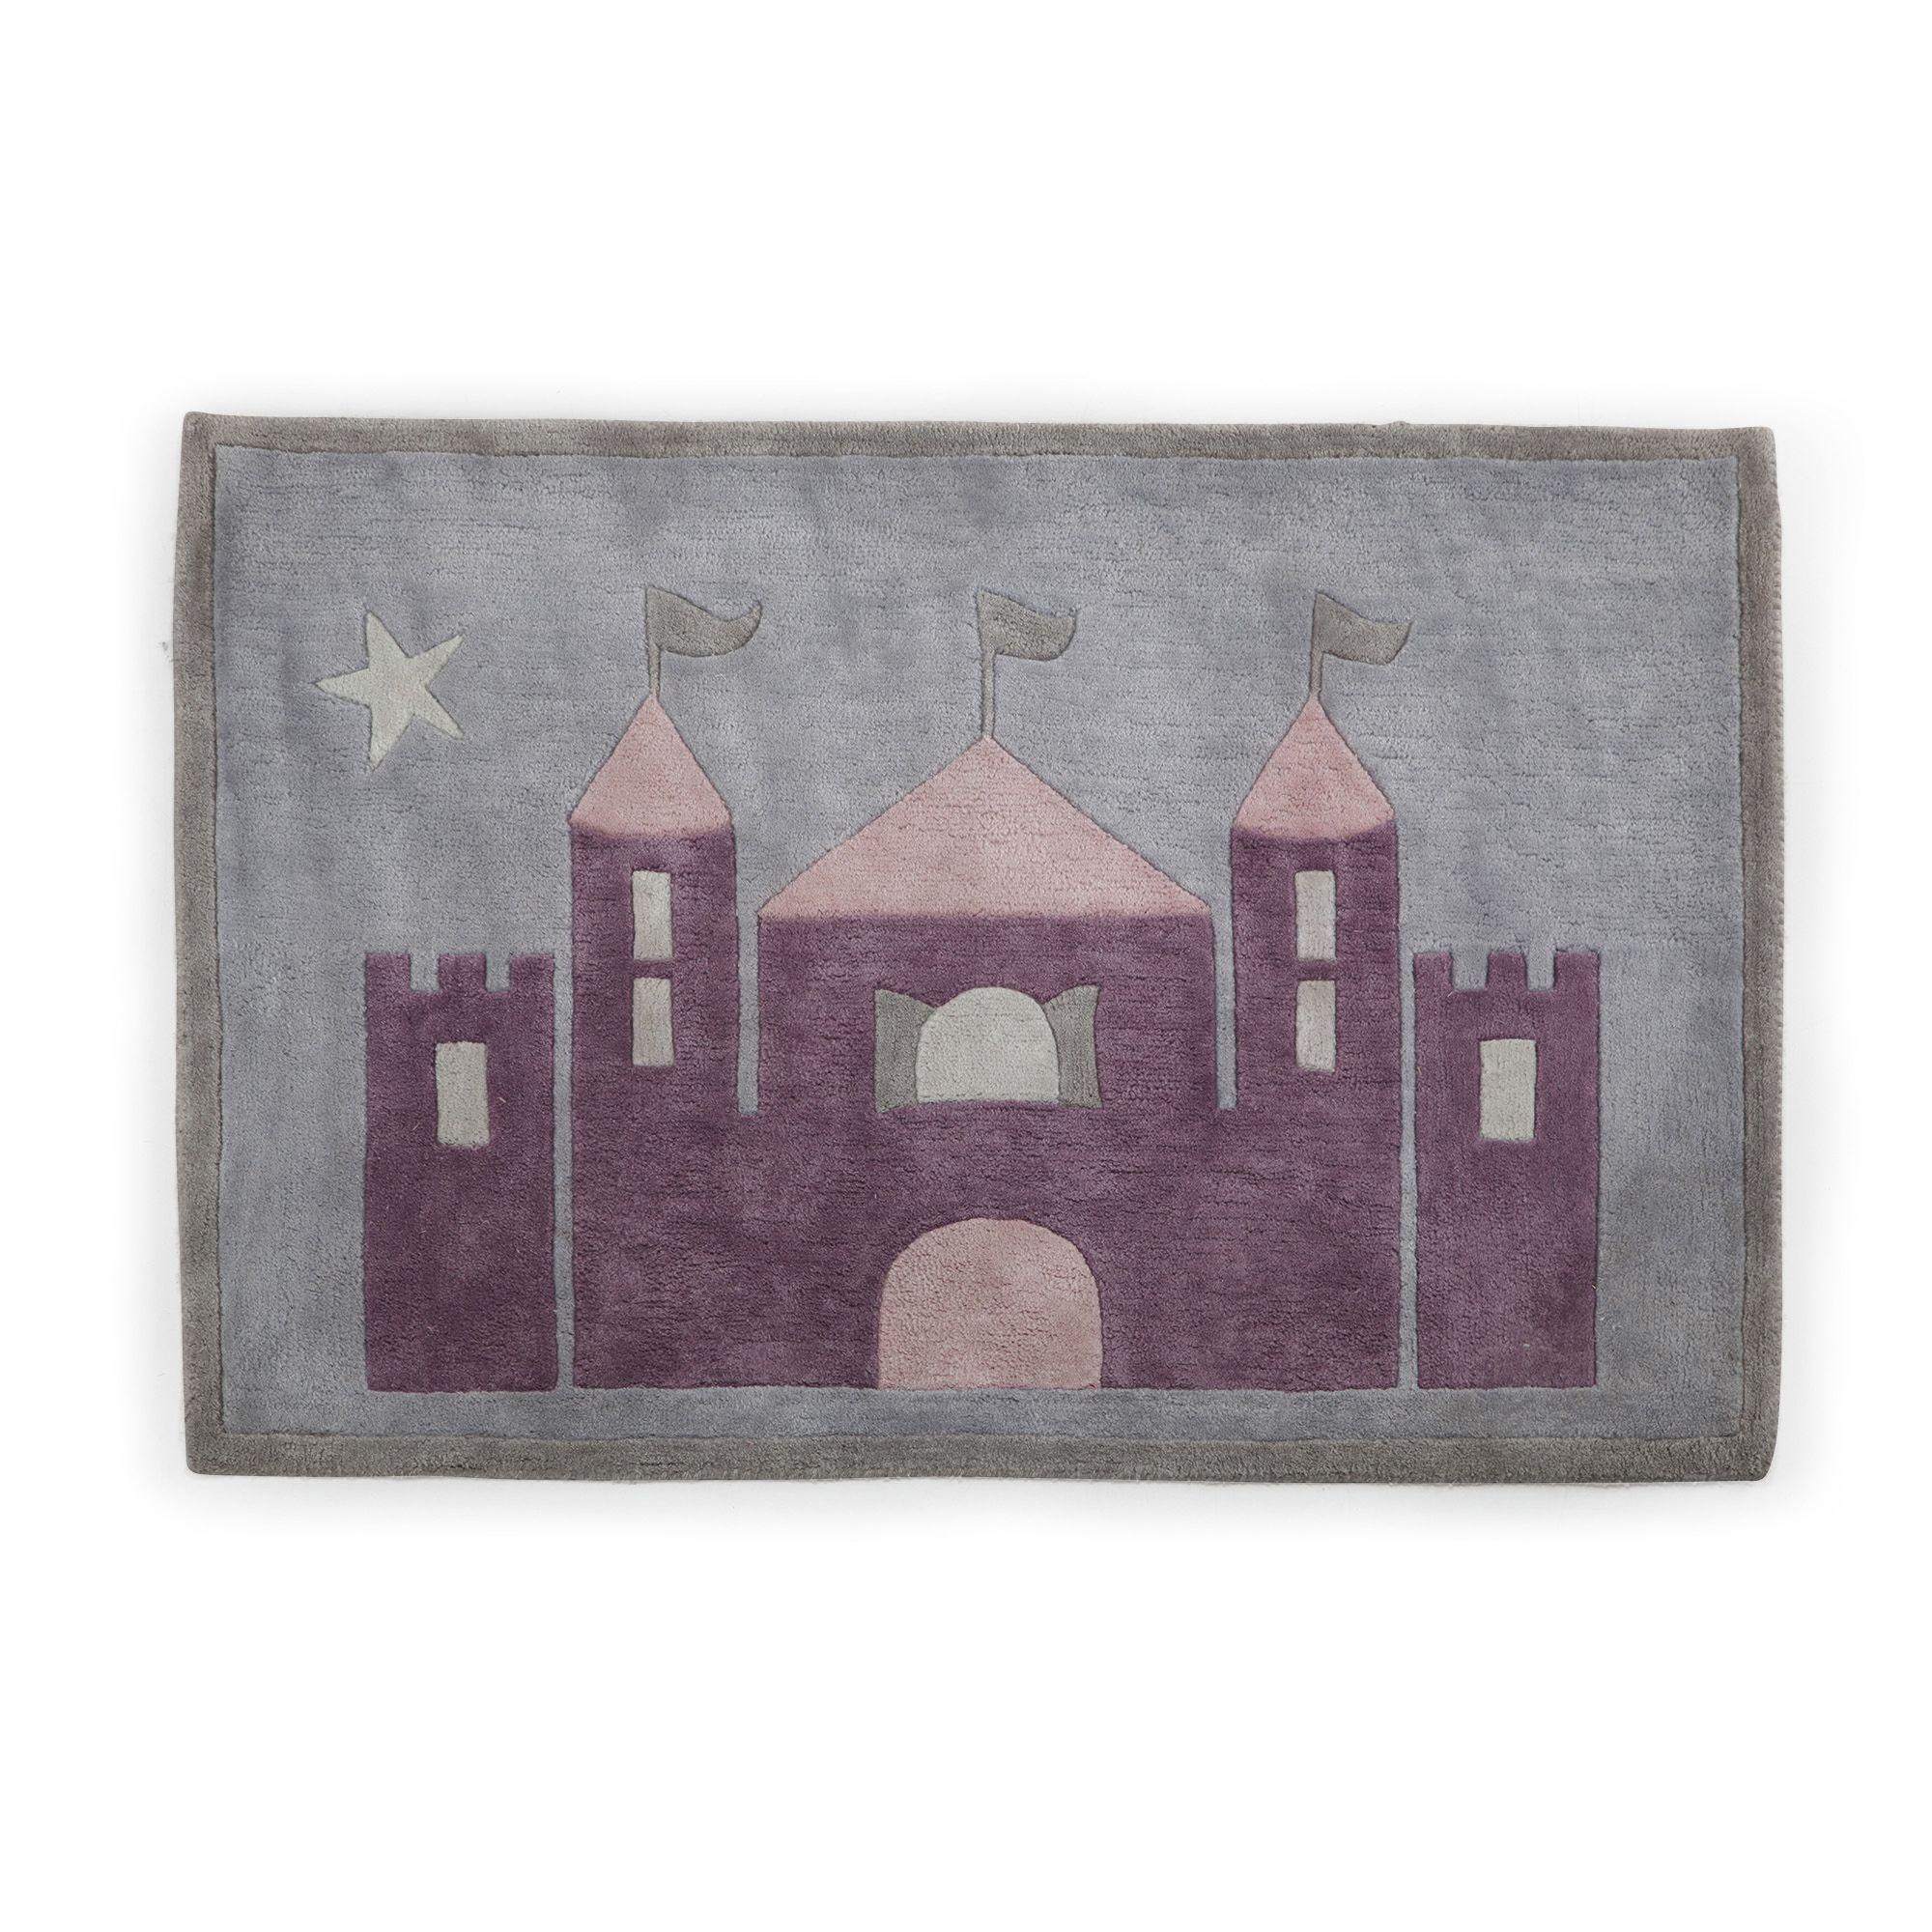 Tapis 90x130cm motif ch¢teau pour chambre d enfant Multicolore